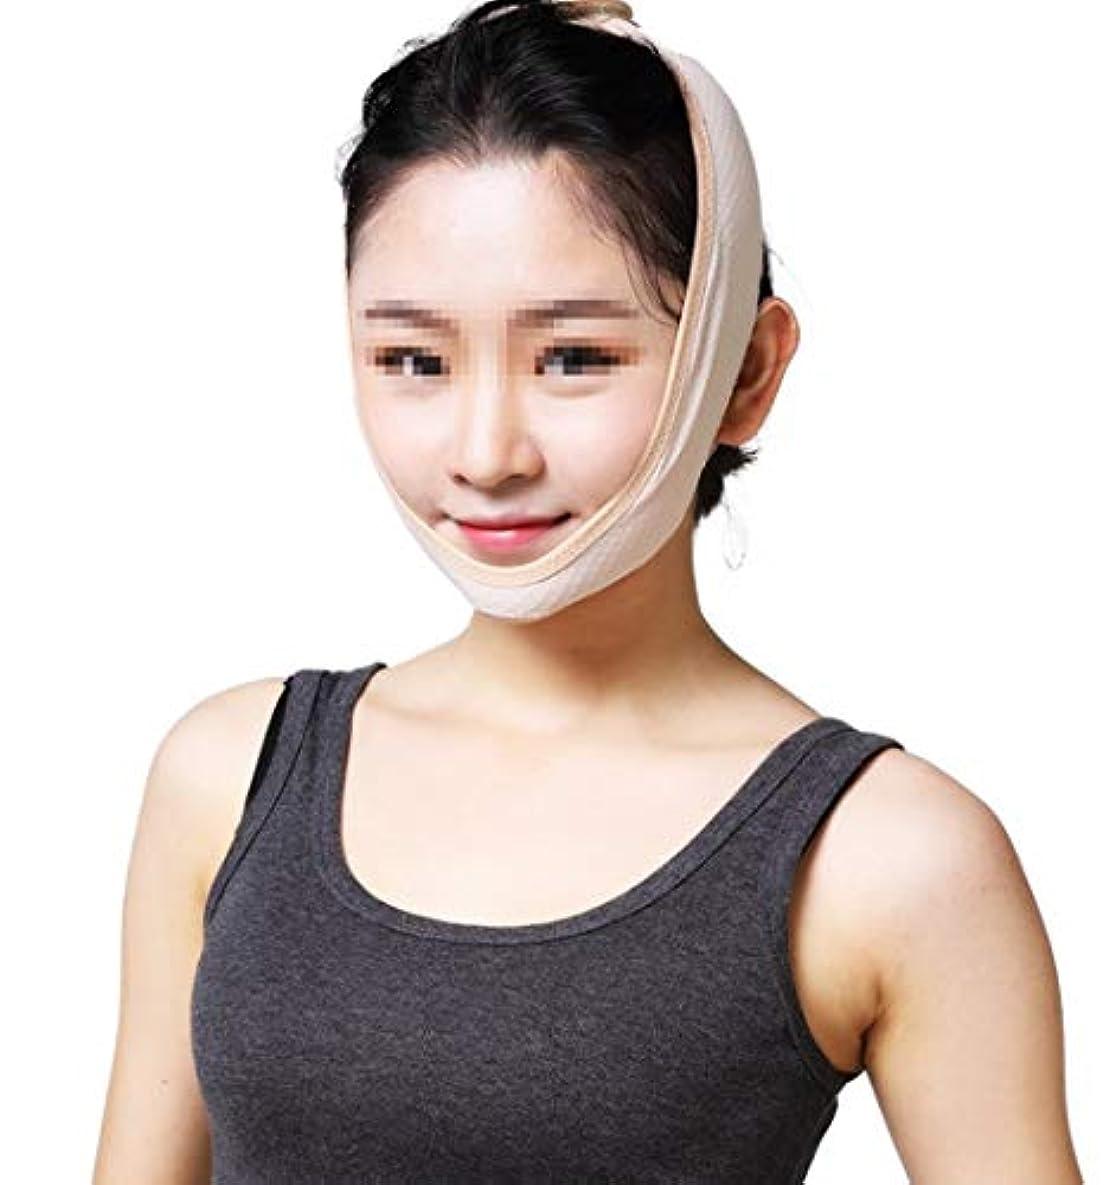 件名読みやすい話す顔を持ち上げる包帯、口を開けて眠るのを防ぐための女性の通気性いびきベルトいびきアーチファクト抗あご転位矯正包帯いびき装置